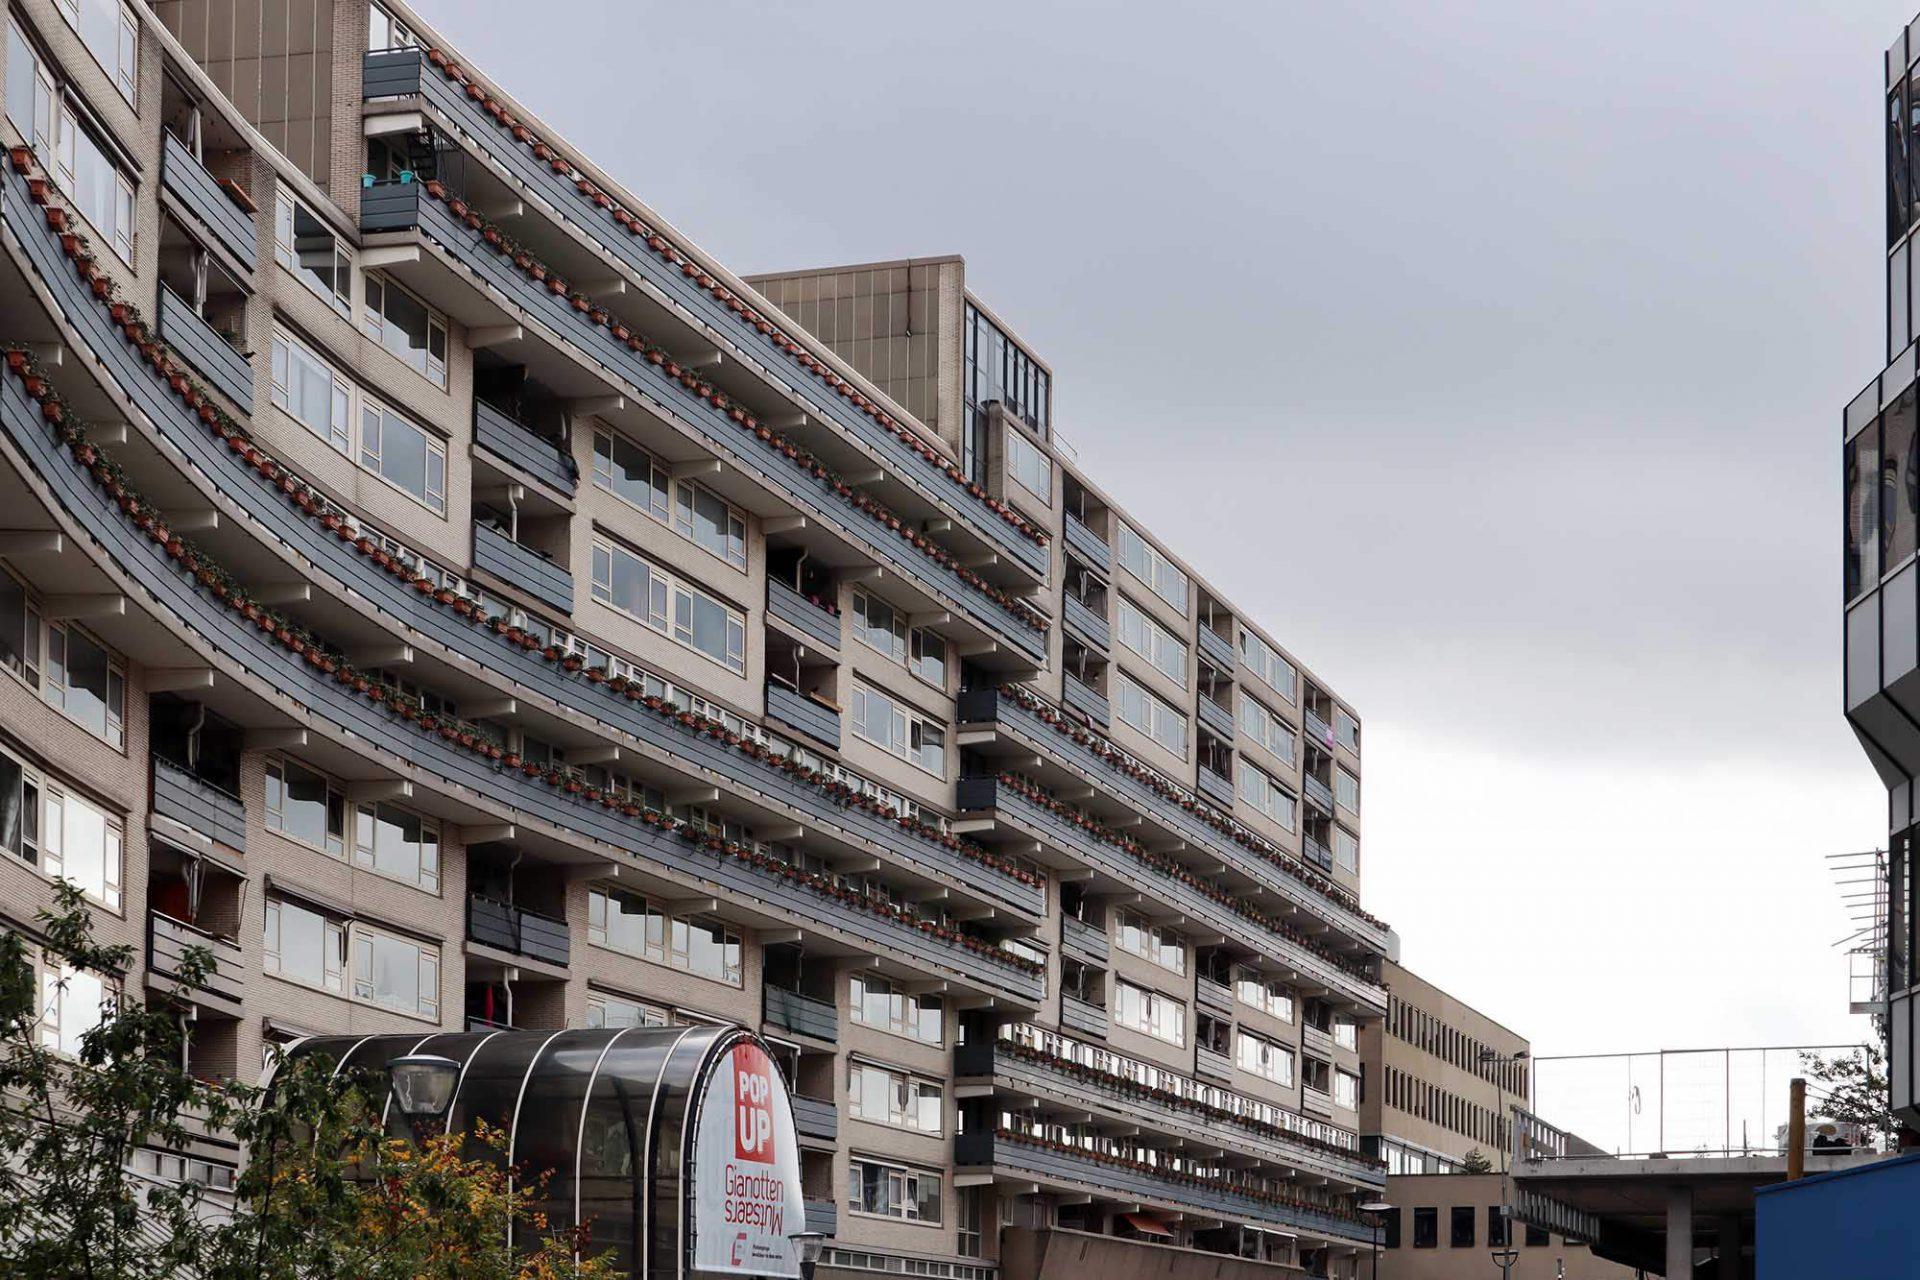 Stadthuisplein. Ein gewaltiger Wohnriegel mit der angeschlossenen Emmapassage schiebt sich ins historische Zentrum.